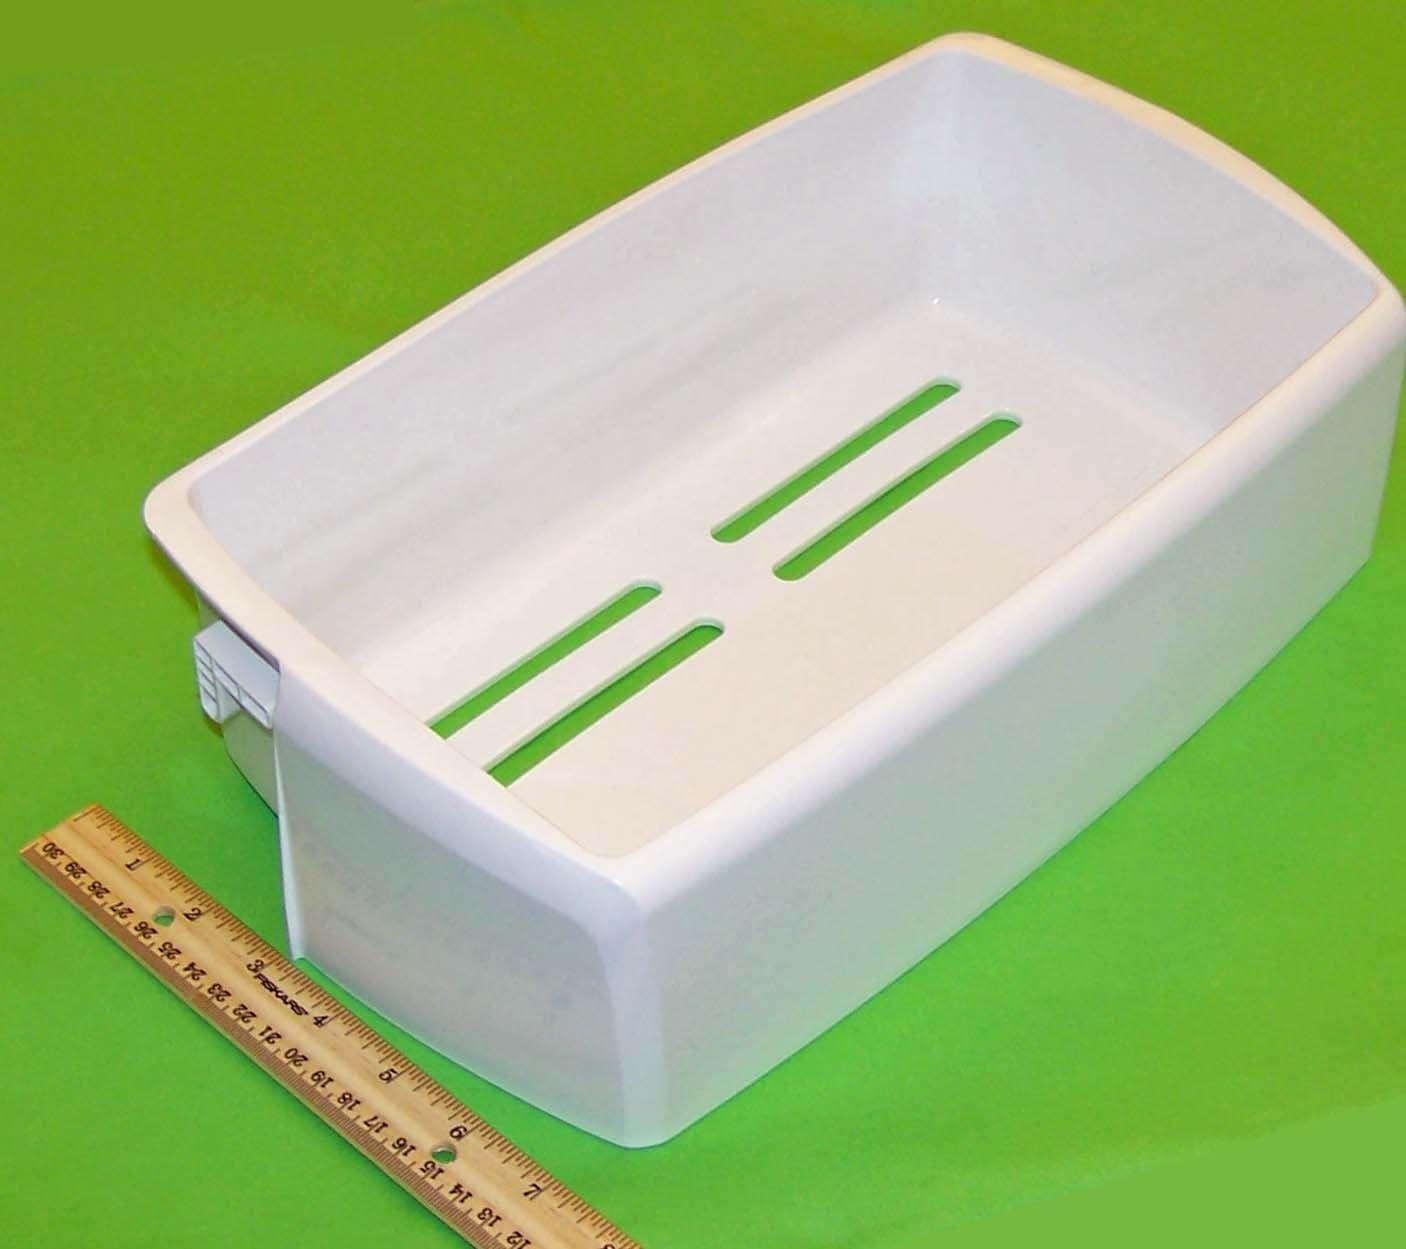 OEM LG Refrigerator Door Bin Basket Shelf Tray Assembly Originally Shipped With: LFX25974SW01, LFX25974SW, LFX25974ST01, LMX25964SS